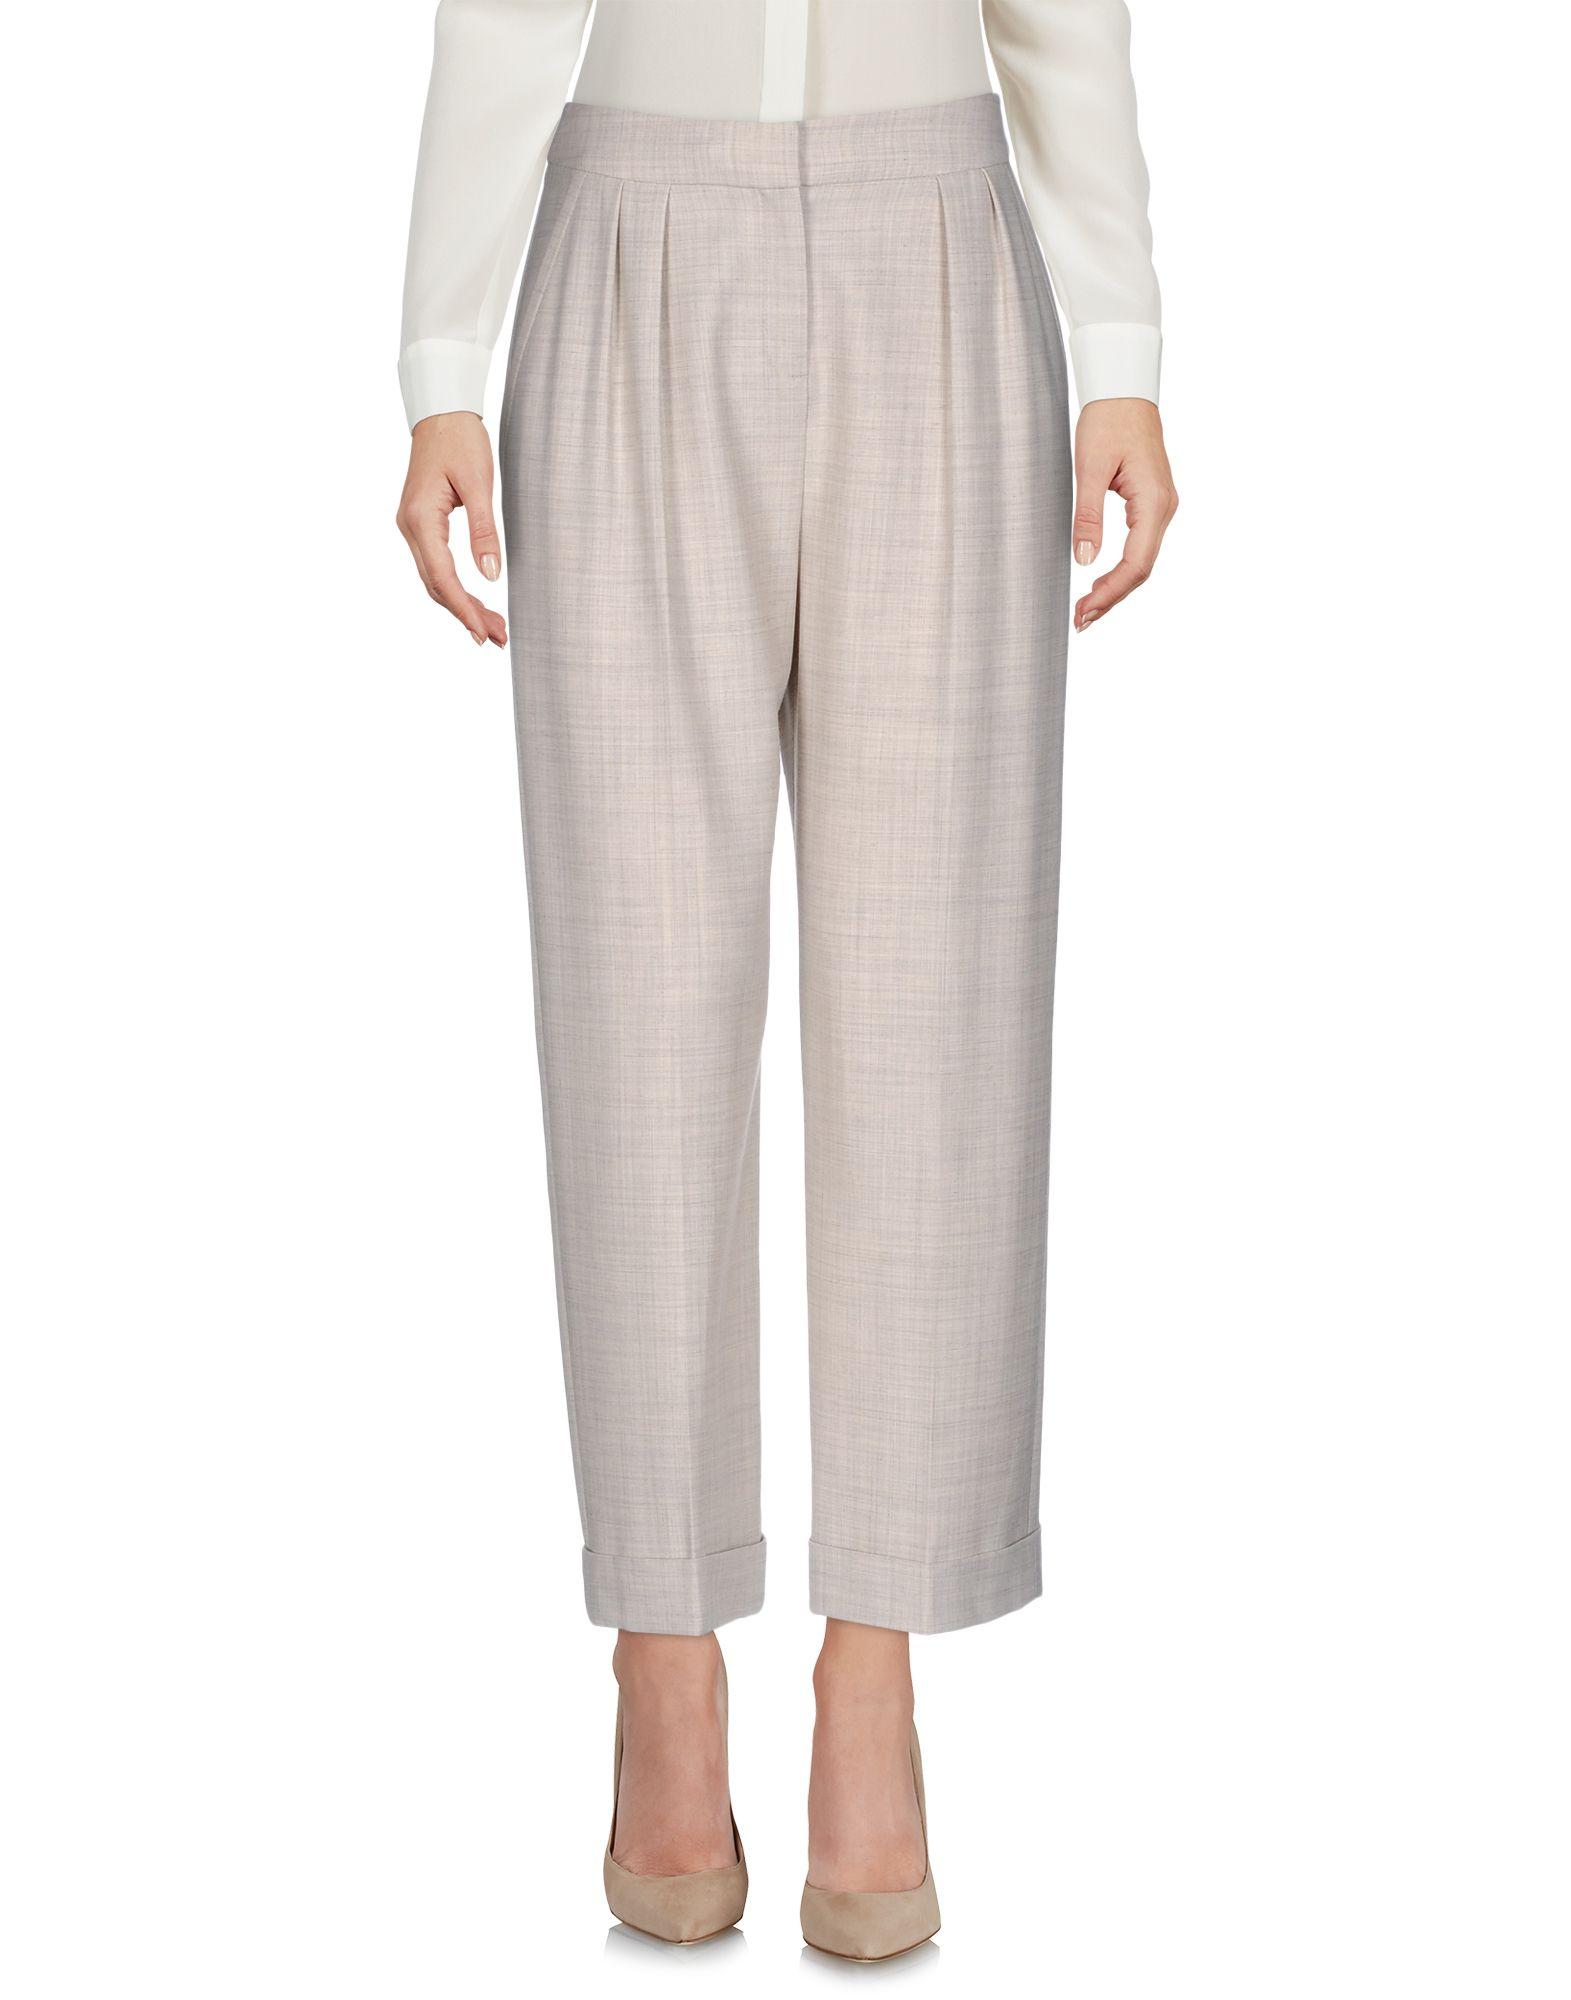 Pantalone Karen Millen donna donna donna - 13076893GR 503